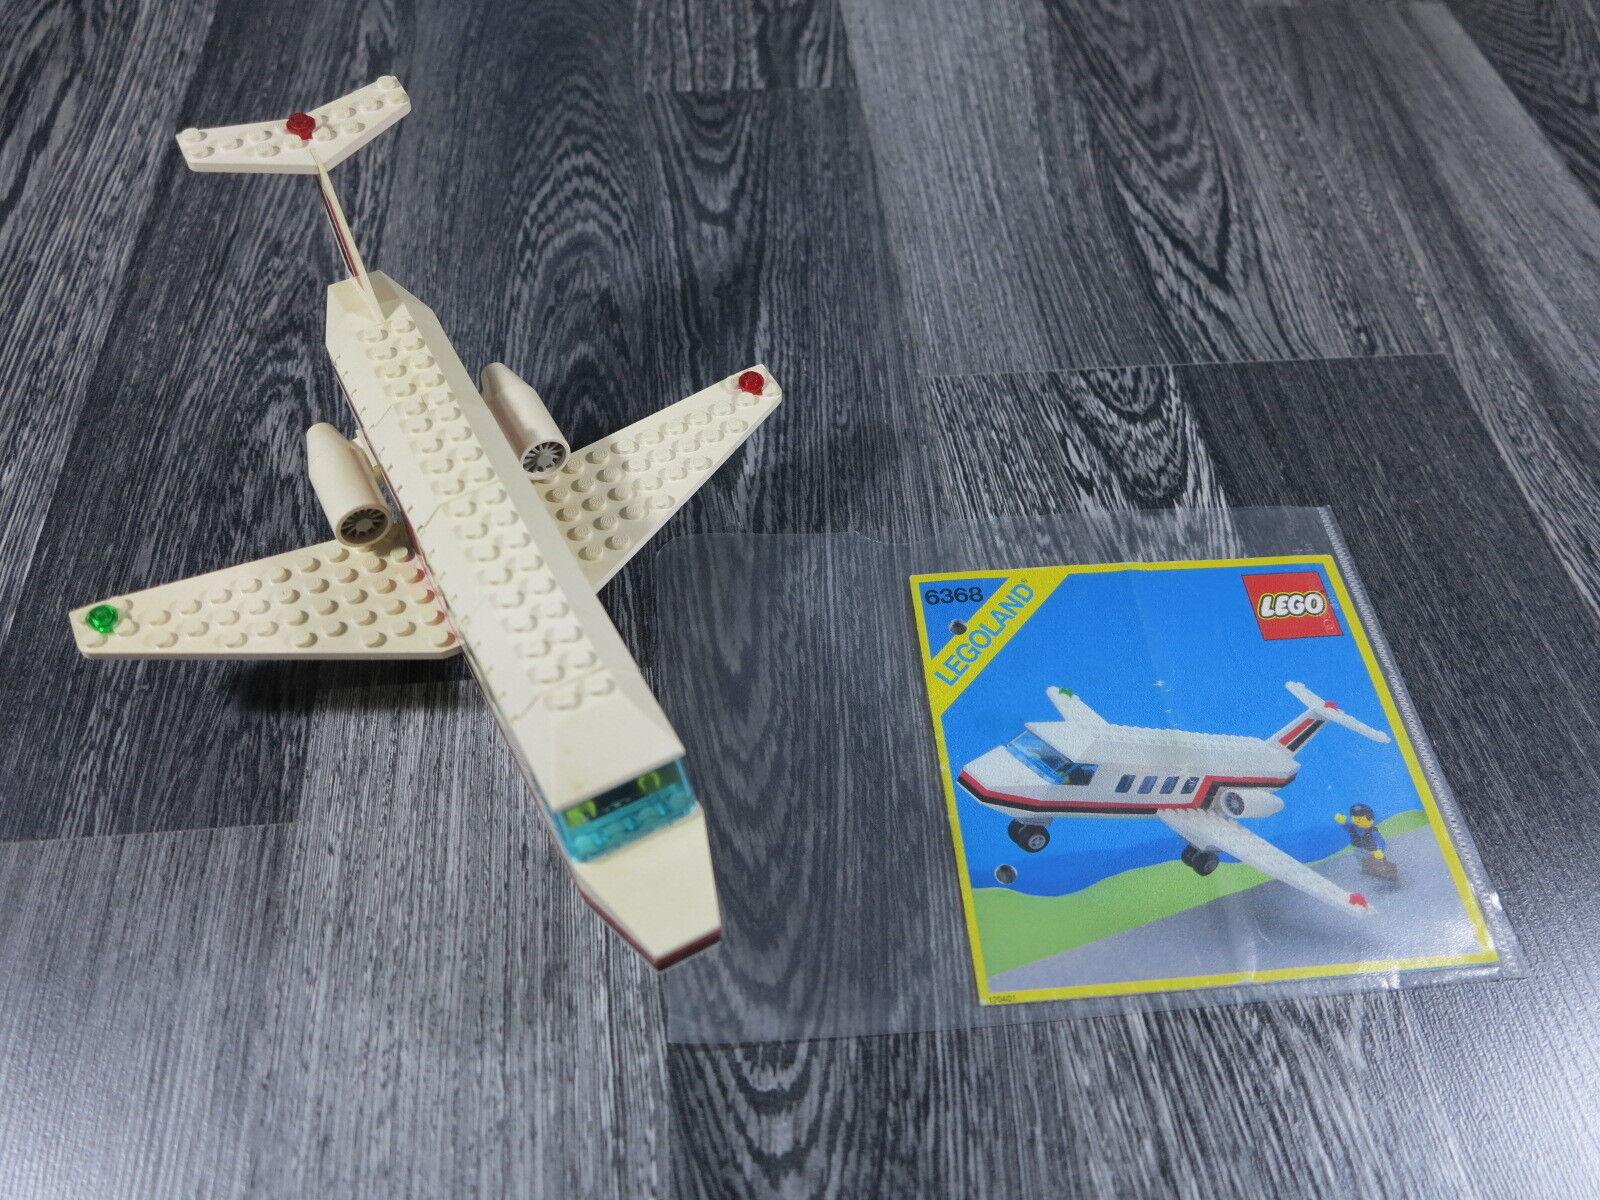 LEGO CITY 6368 Jet Airline Flugzeug mit Bauanleitung    Hohe Qualität und geringer Aufwand